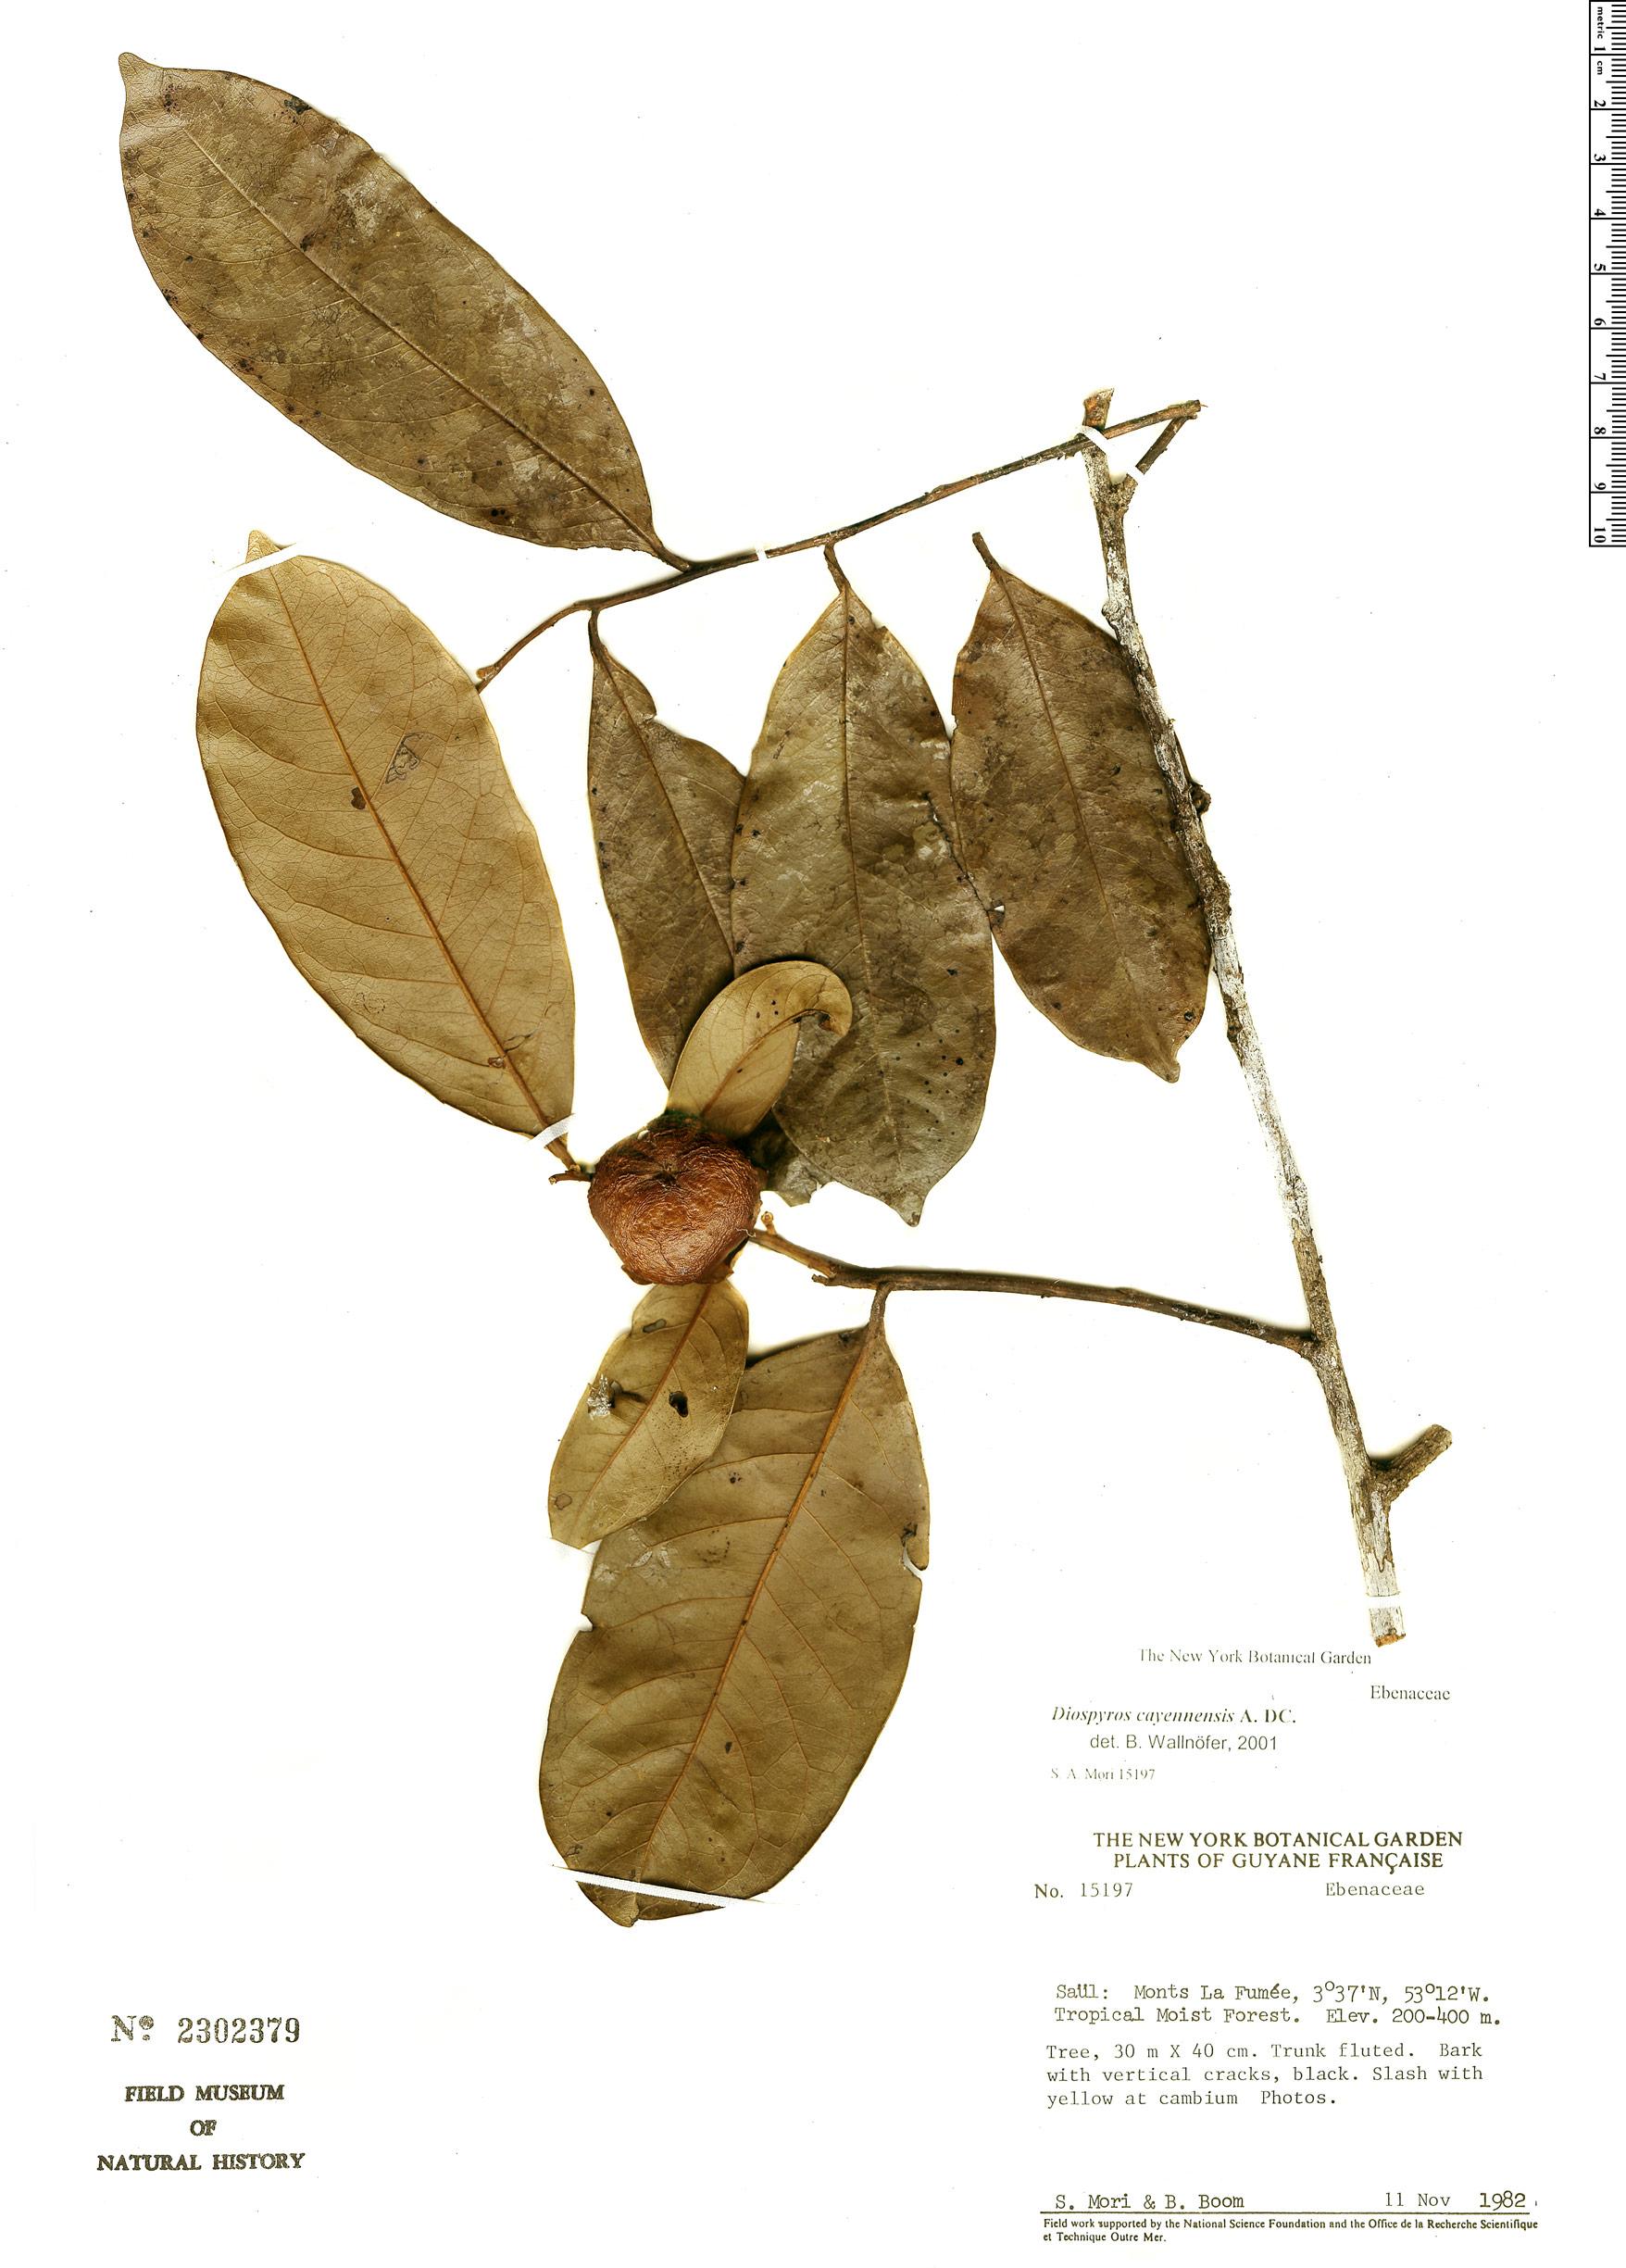 Specimen: Diospyros cayennensis